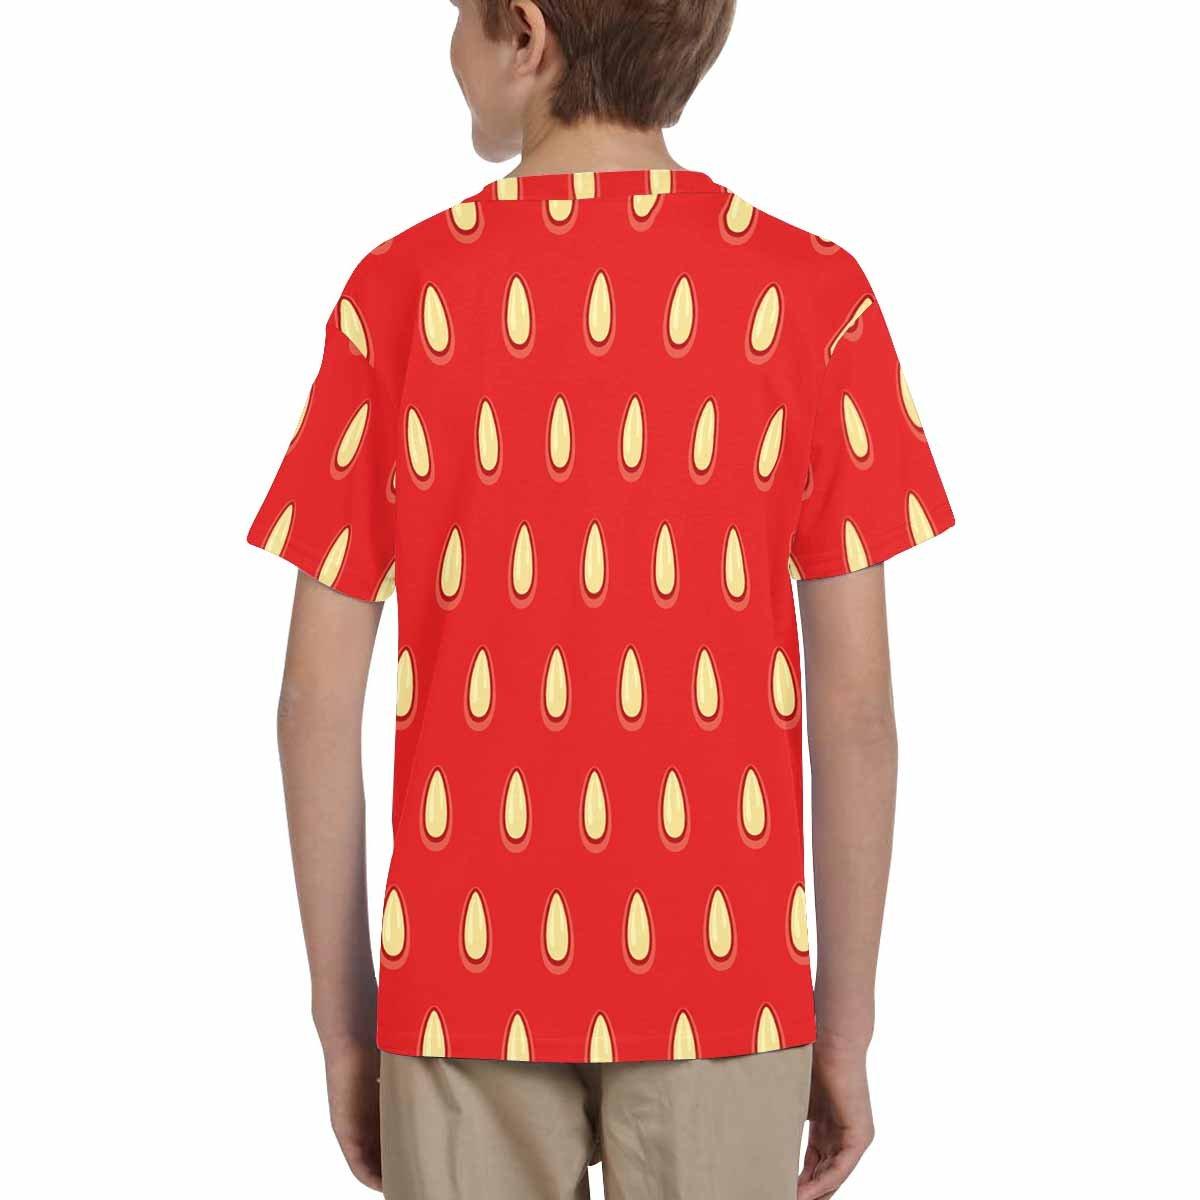 XS-XL INTERESTPRINT Strawberry Surface Unisex Kids T-Shirts